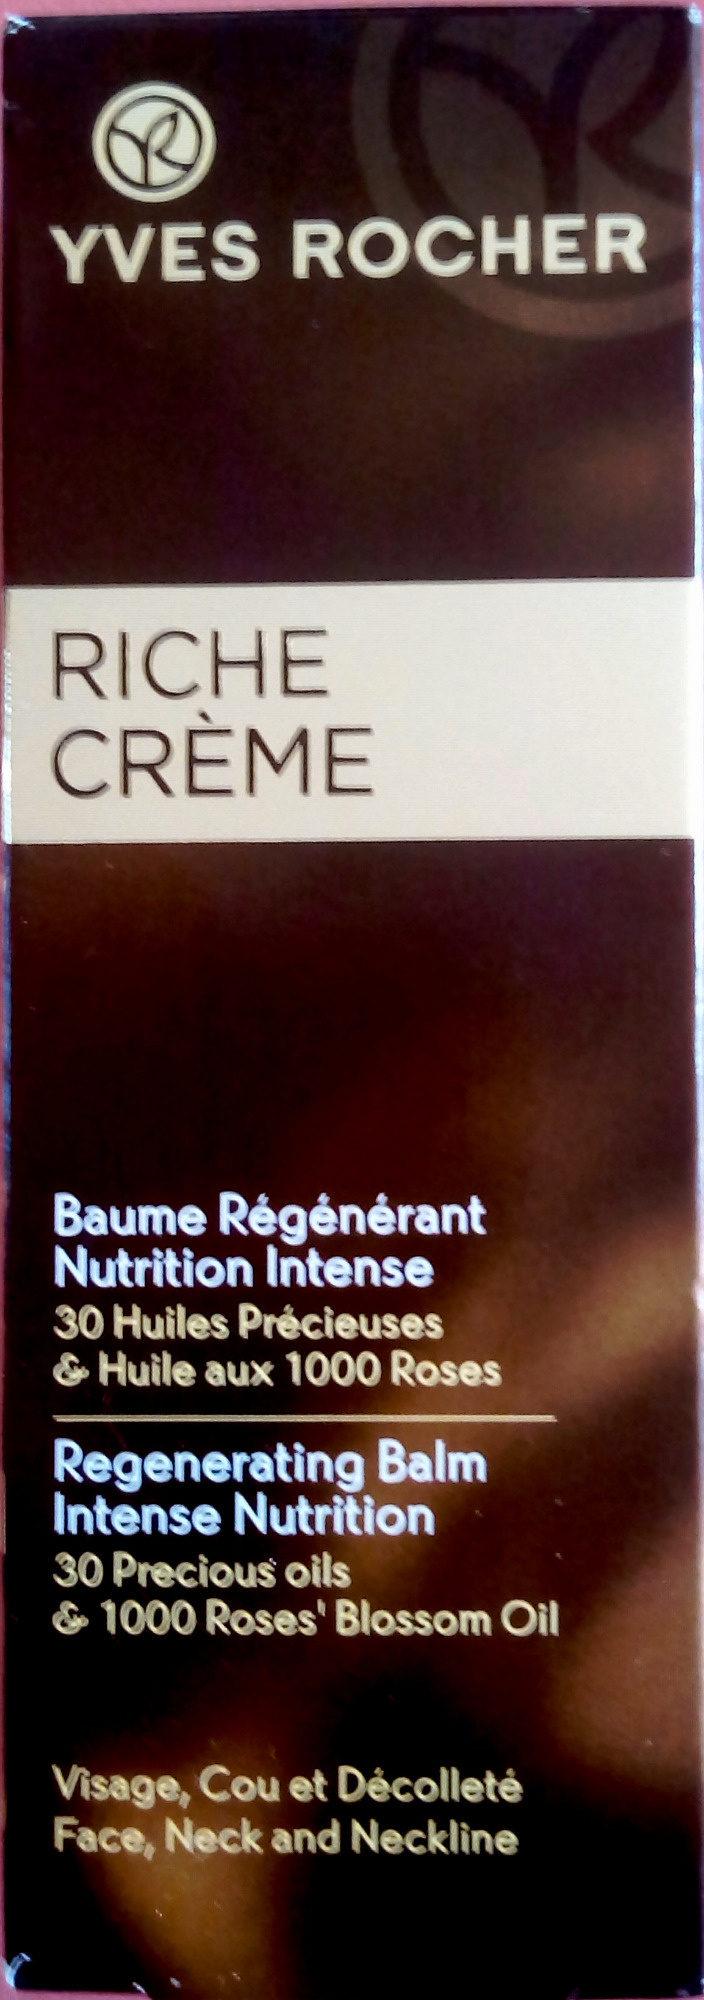 Riche Crème Baume Régénérant Nutrition Intense - Product